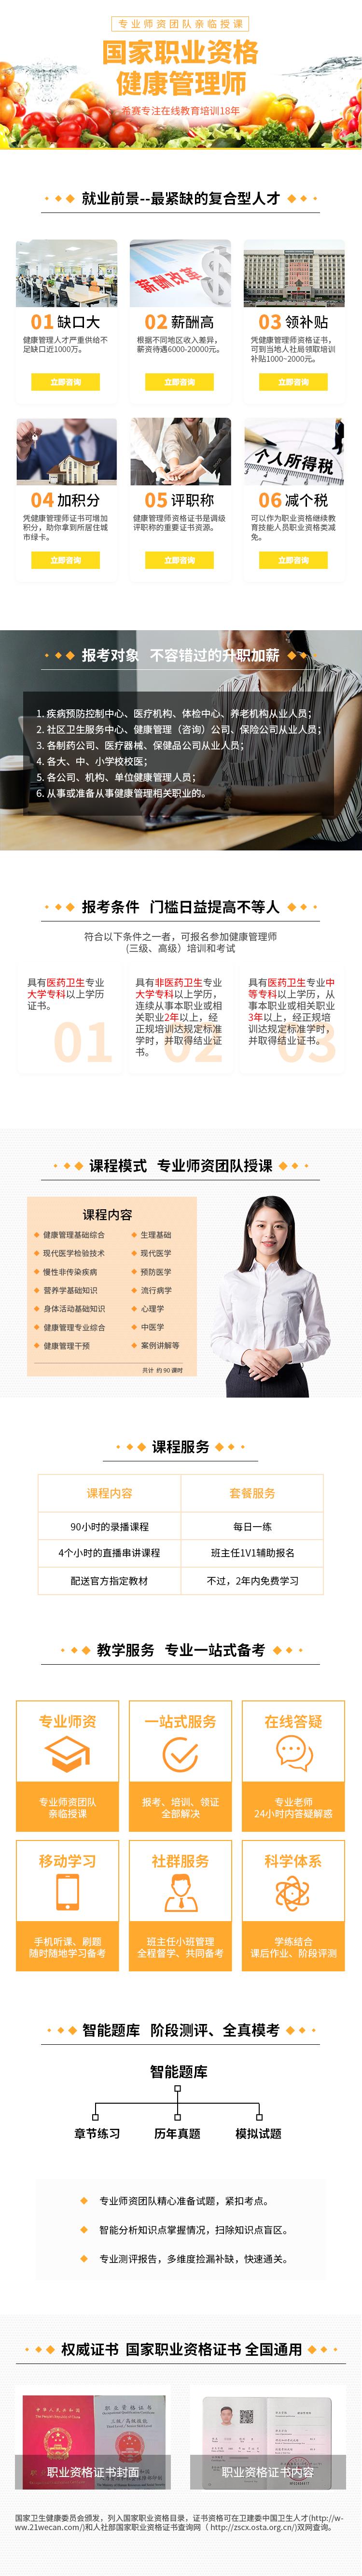 健康管理师详情页(3).png